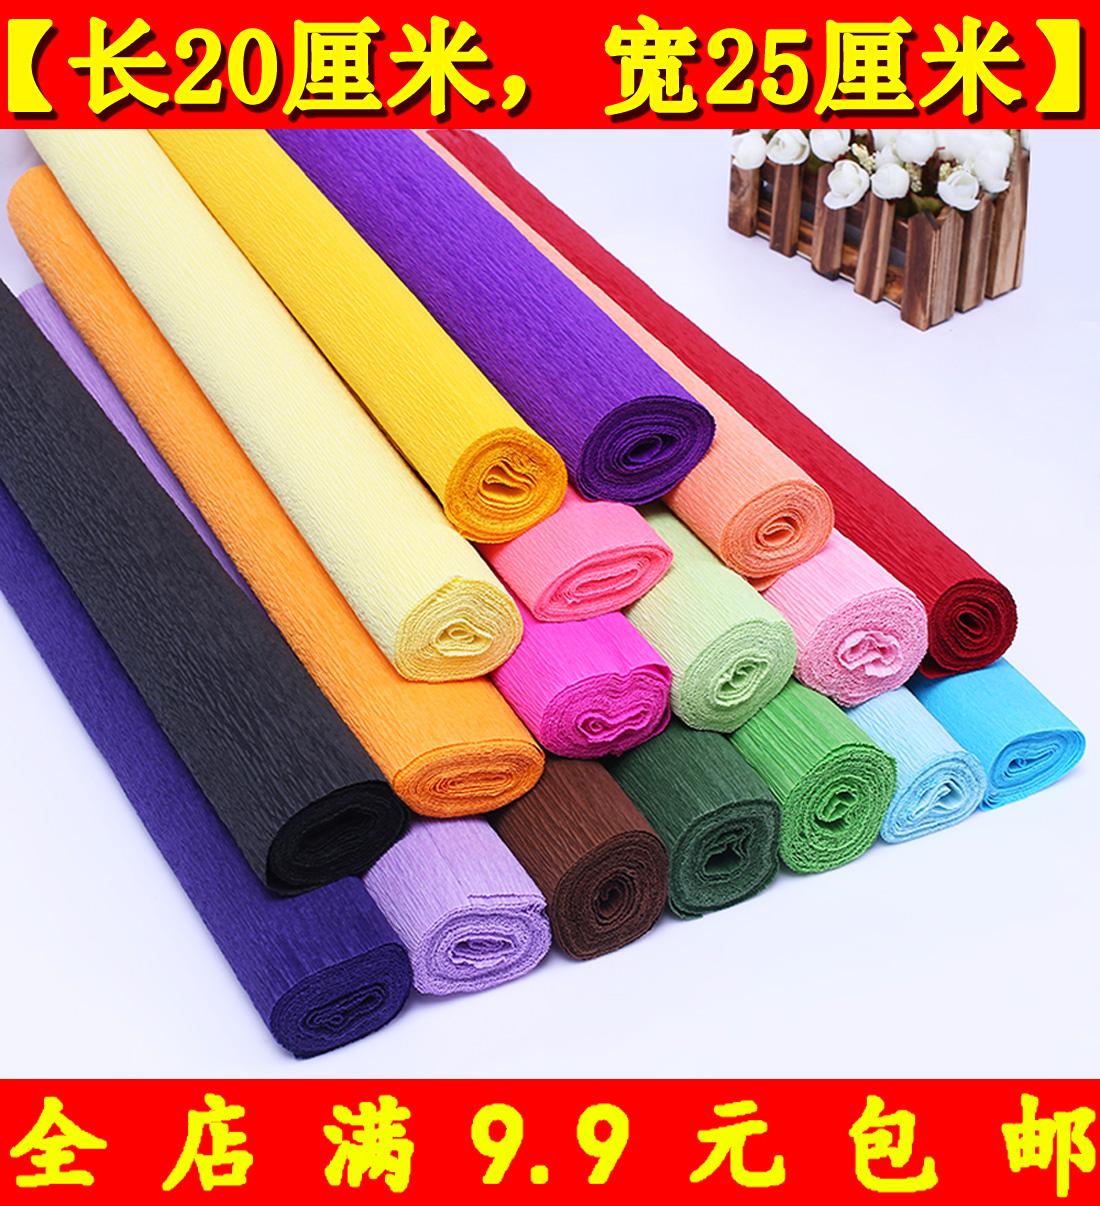 皱纹纸褶皱纸彩色卷边纸 幼儿园手工diy玫瑰花纸花纸艺材料满包邮